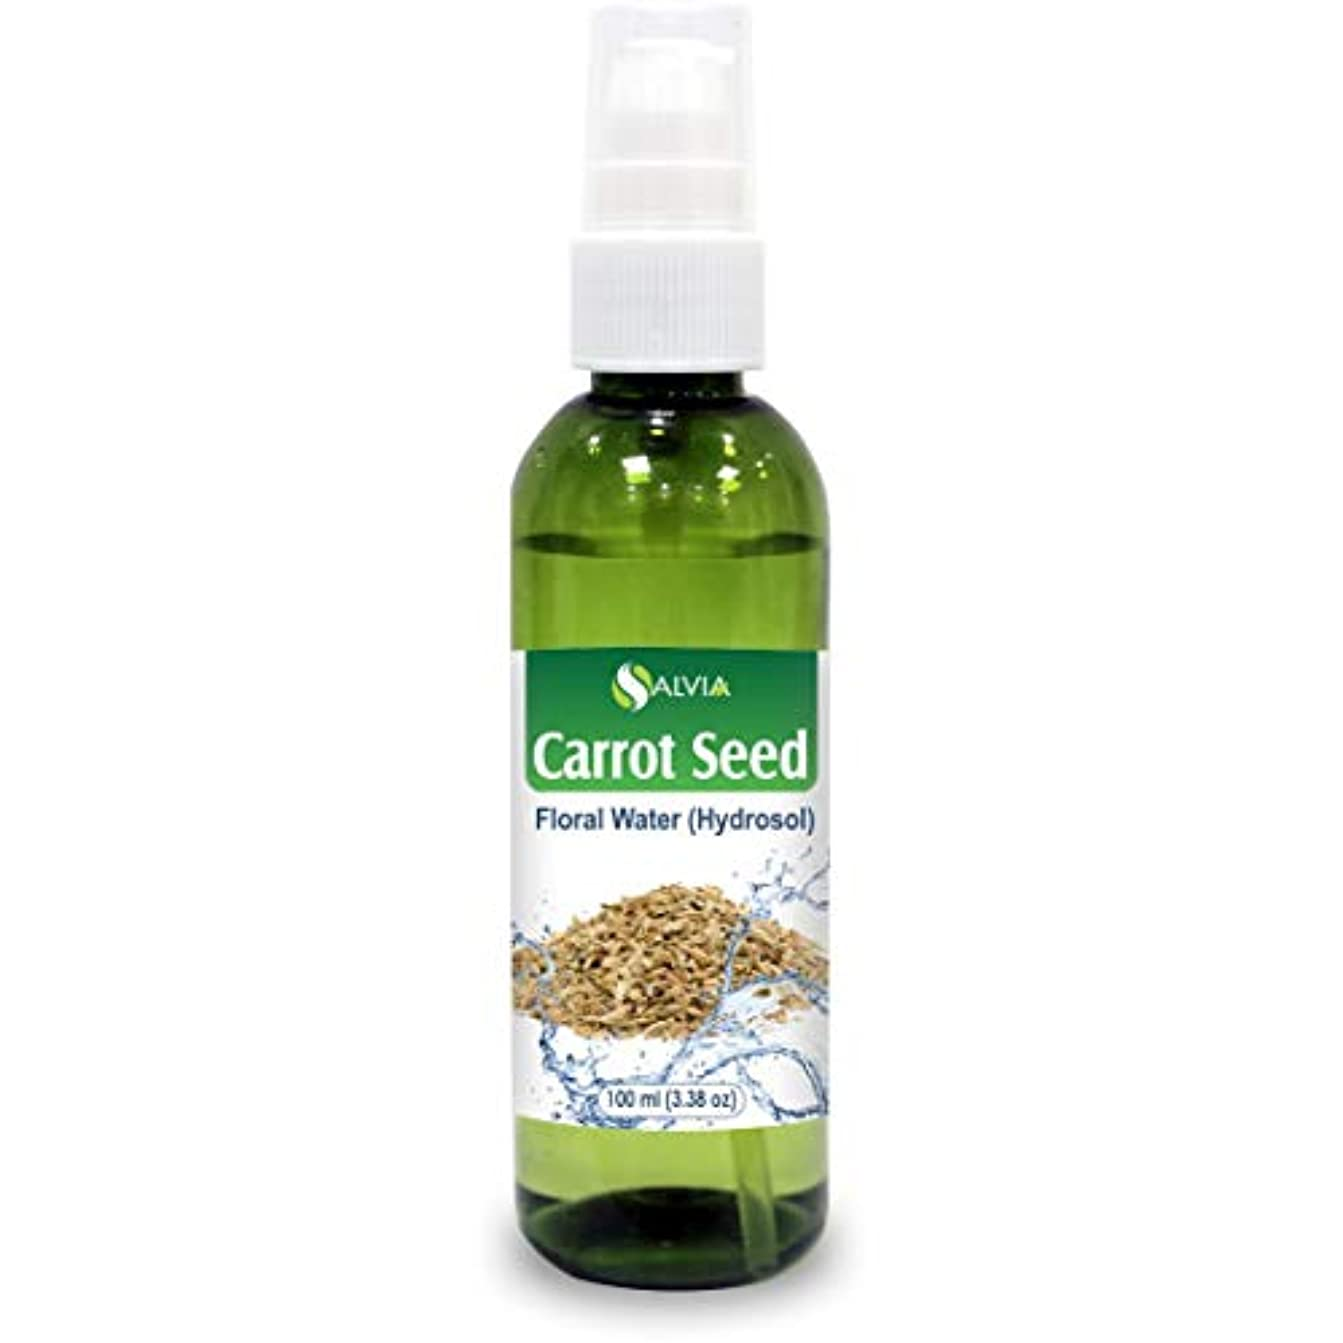 波紋溶岩落ち着いたCarrot Seed Floral Water Floral Water 100ml (Hydrosol) 100% Pure And Natural